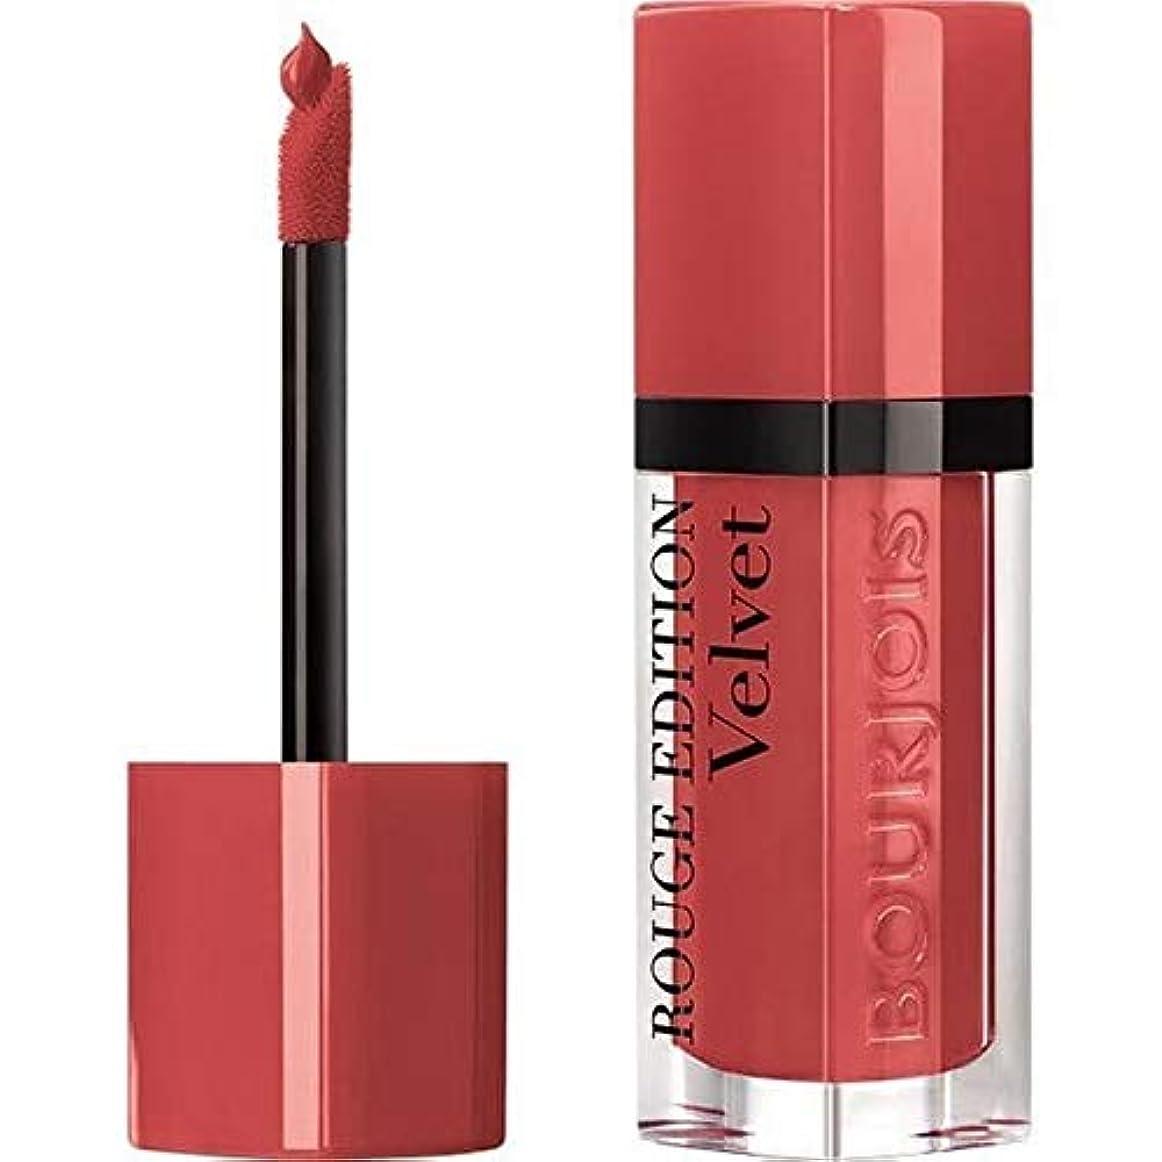 獲物いじめっ子他の日[Bourjois ] ブルジョワルージュ版ベルベットの口紅の桃クラブ4 - Bourjois Rouge Edition Velvet lipstick Peach Club 4 [並行輸入品]